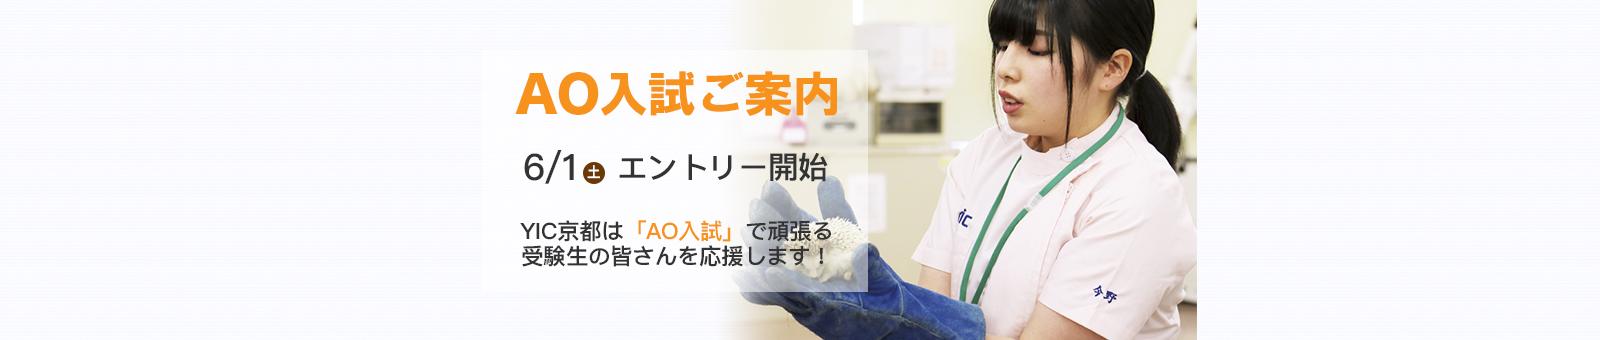 AO入試ご案内 6/1(土)エントリー開始 YIC京都は「AO入試」で頑張る受験生の皆さんを応援します!